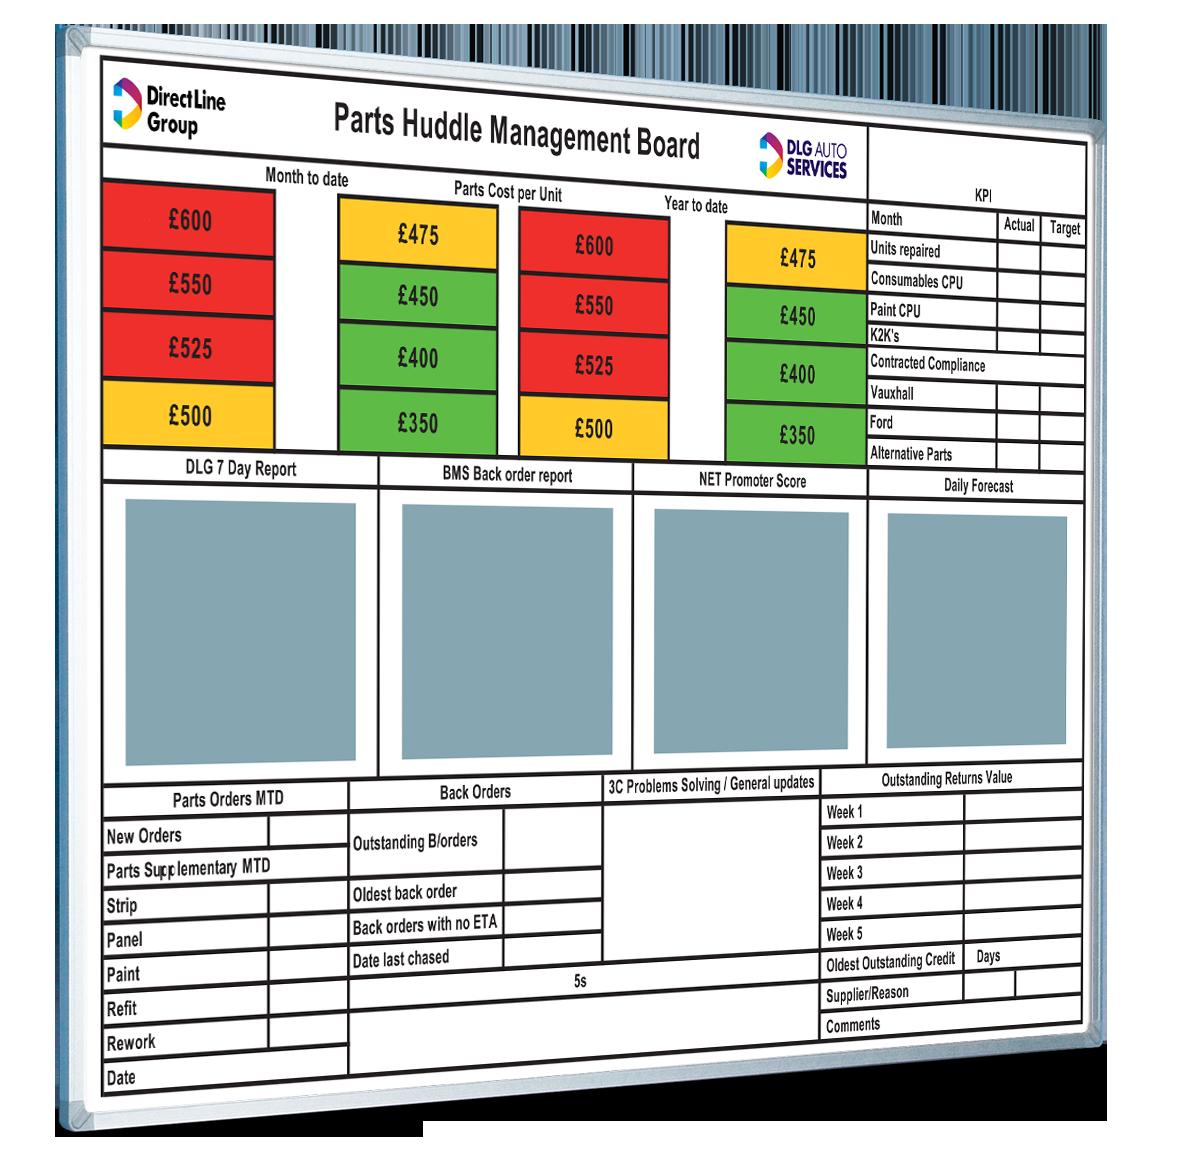 Dlg Auto Services Parts Huddle Management Board